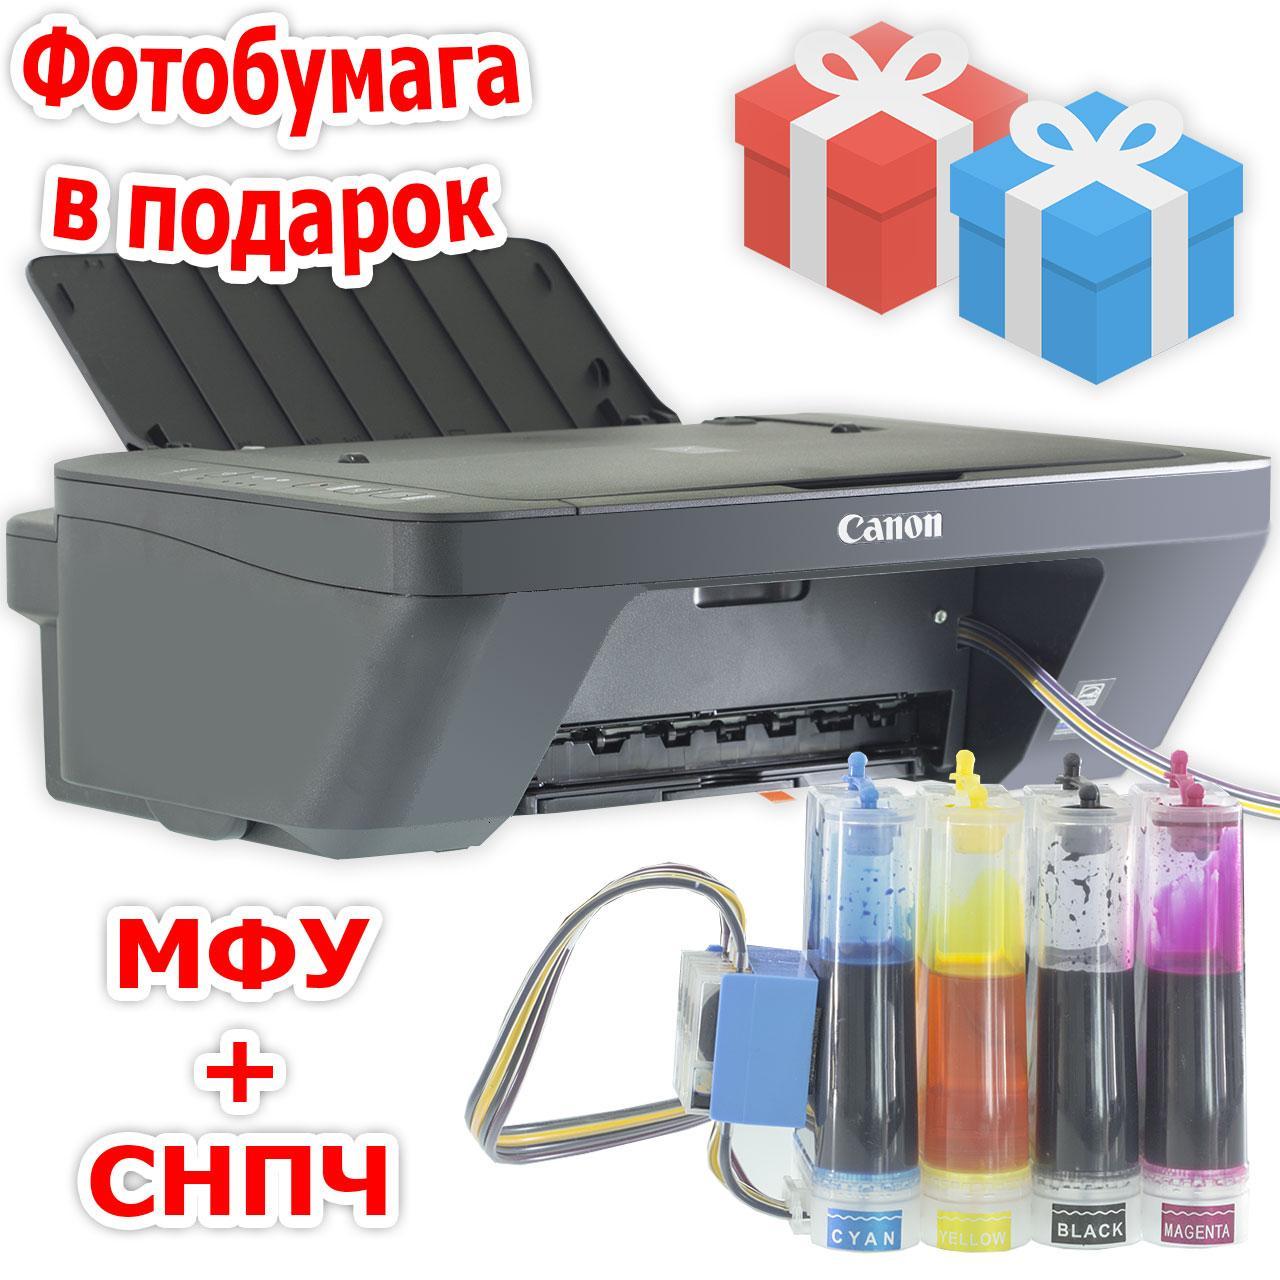 Полное решение: МФУ CANON E414 + СНПЧ Черный принтер сканер копир печать фото текста сканирование подарки - интернет-магазин Mobiloz (Мобилоз) в Киеве